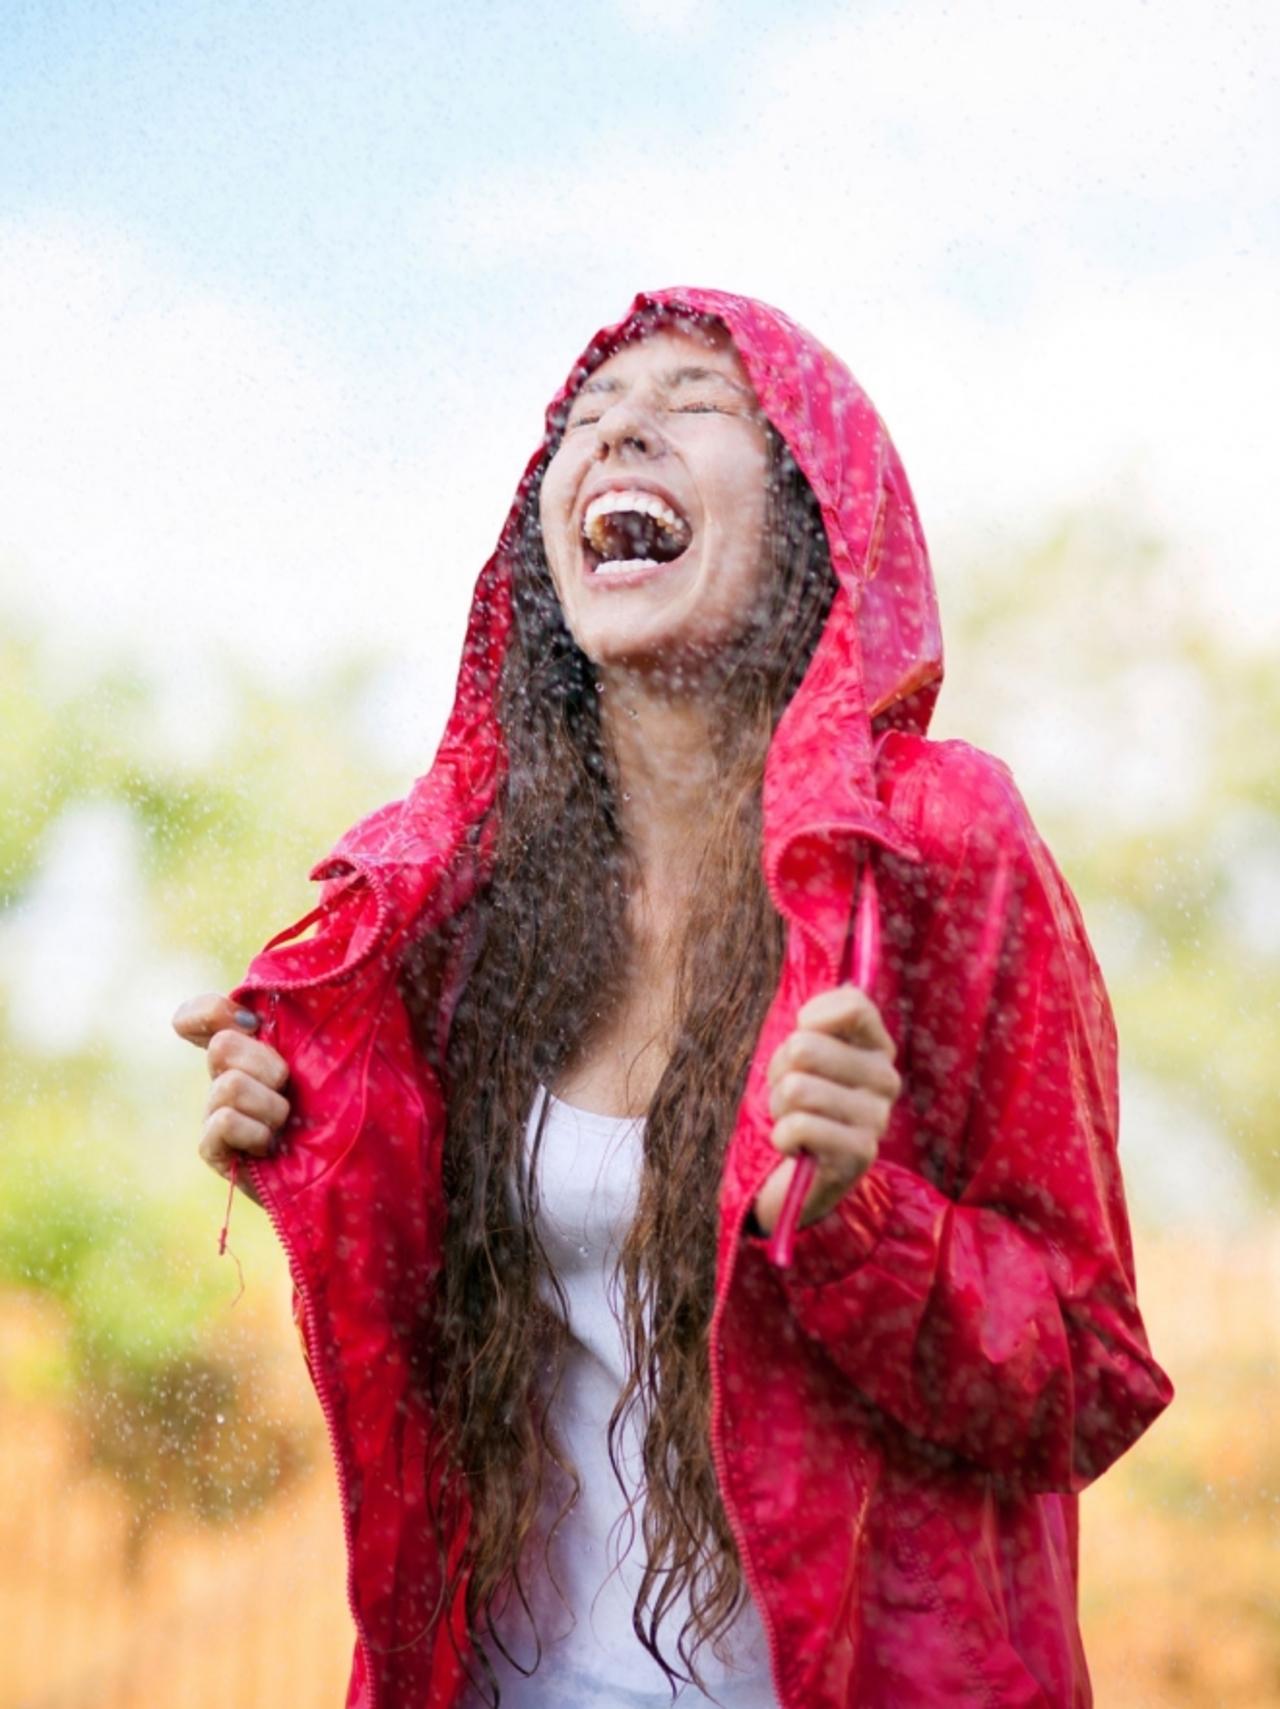 Cuidado de la piel en temporada de lluvias